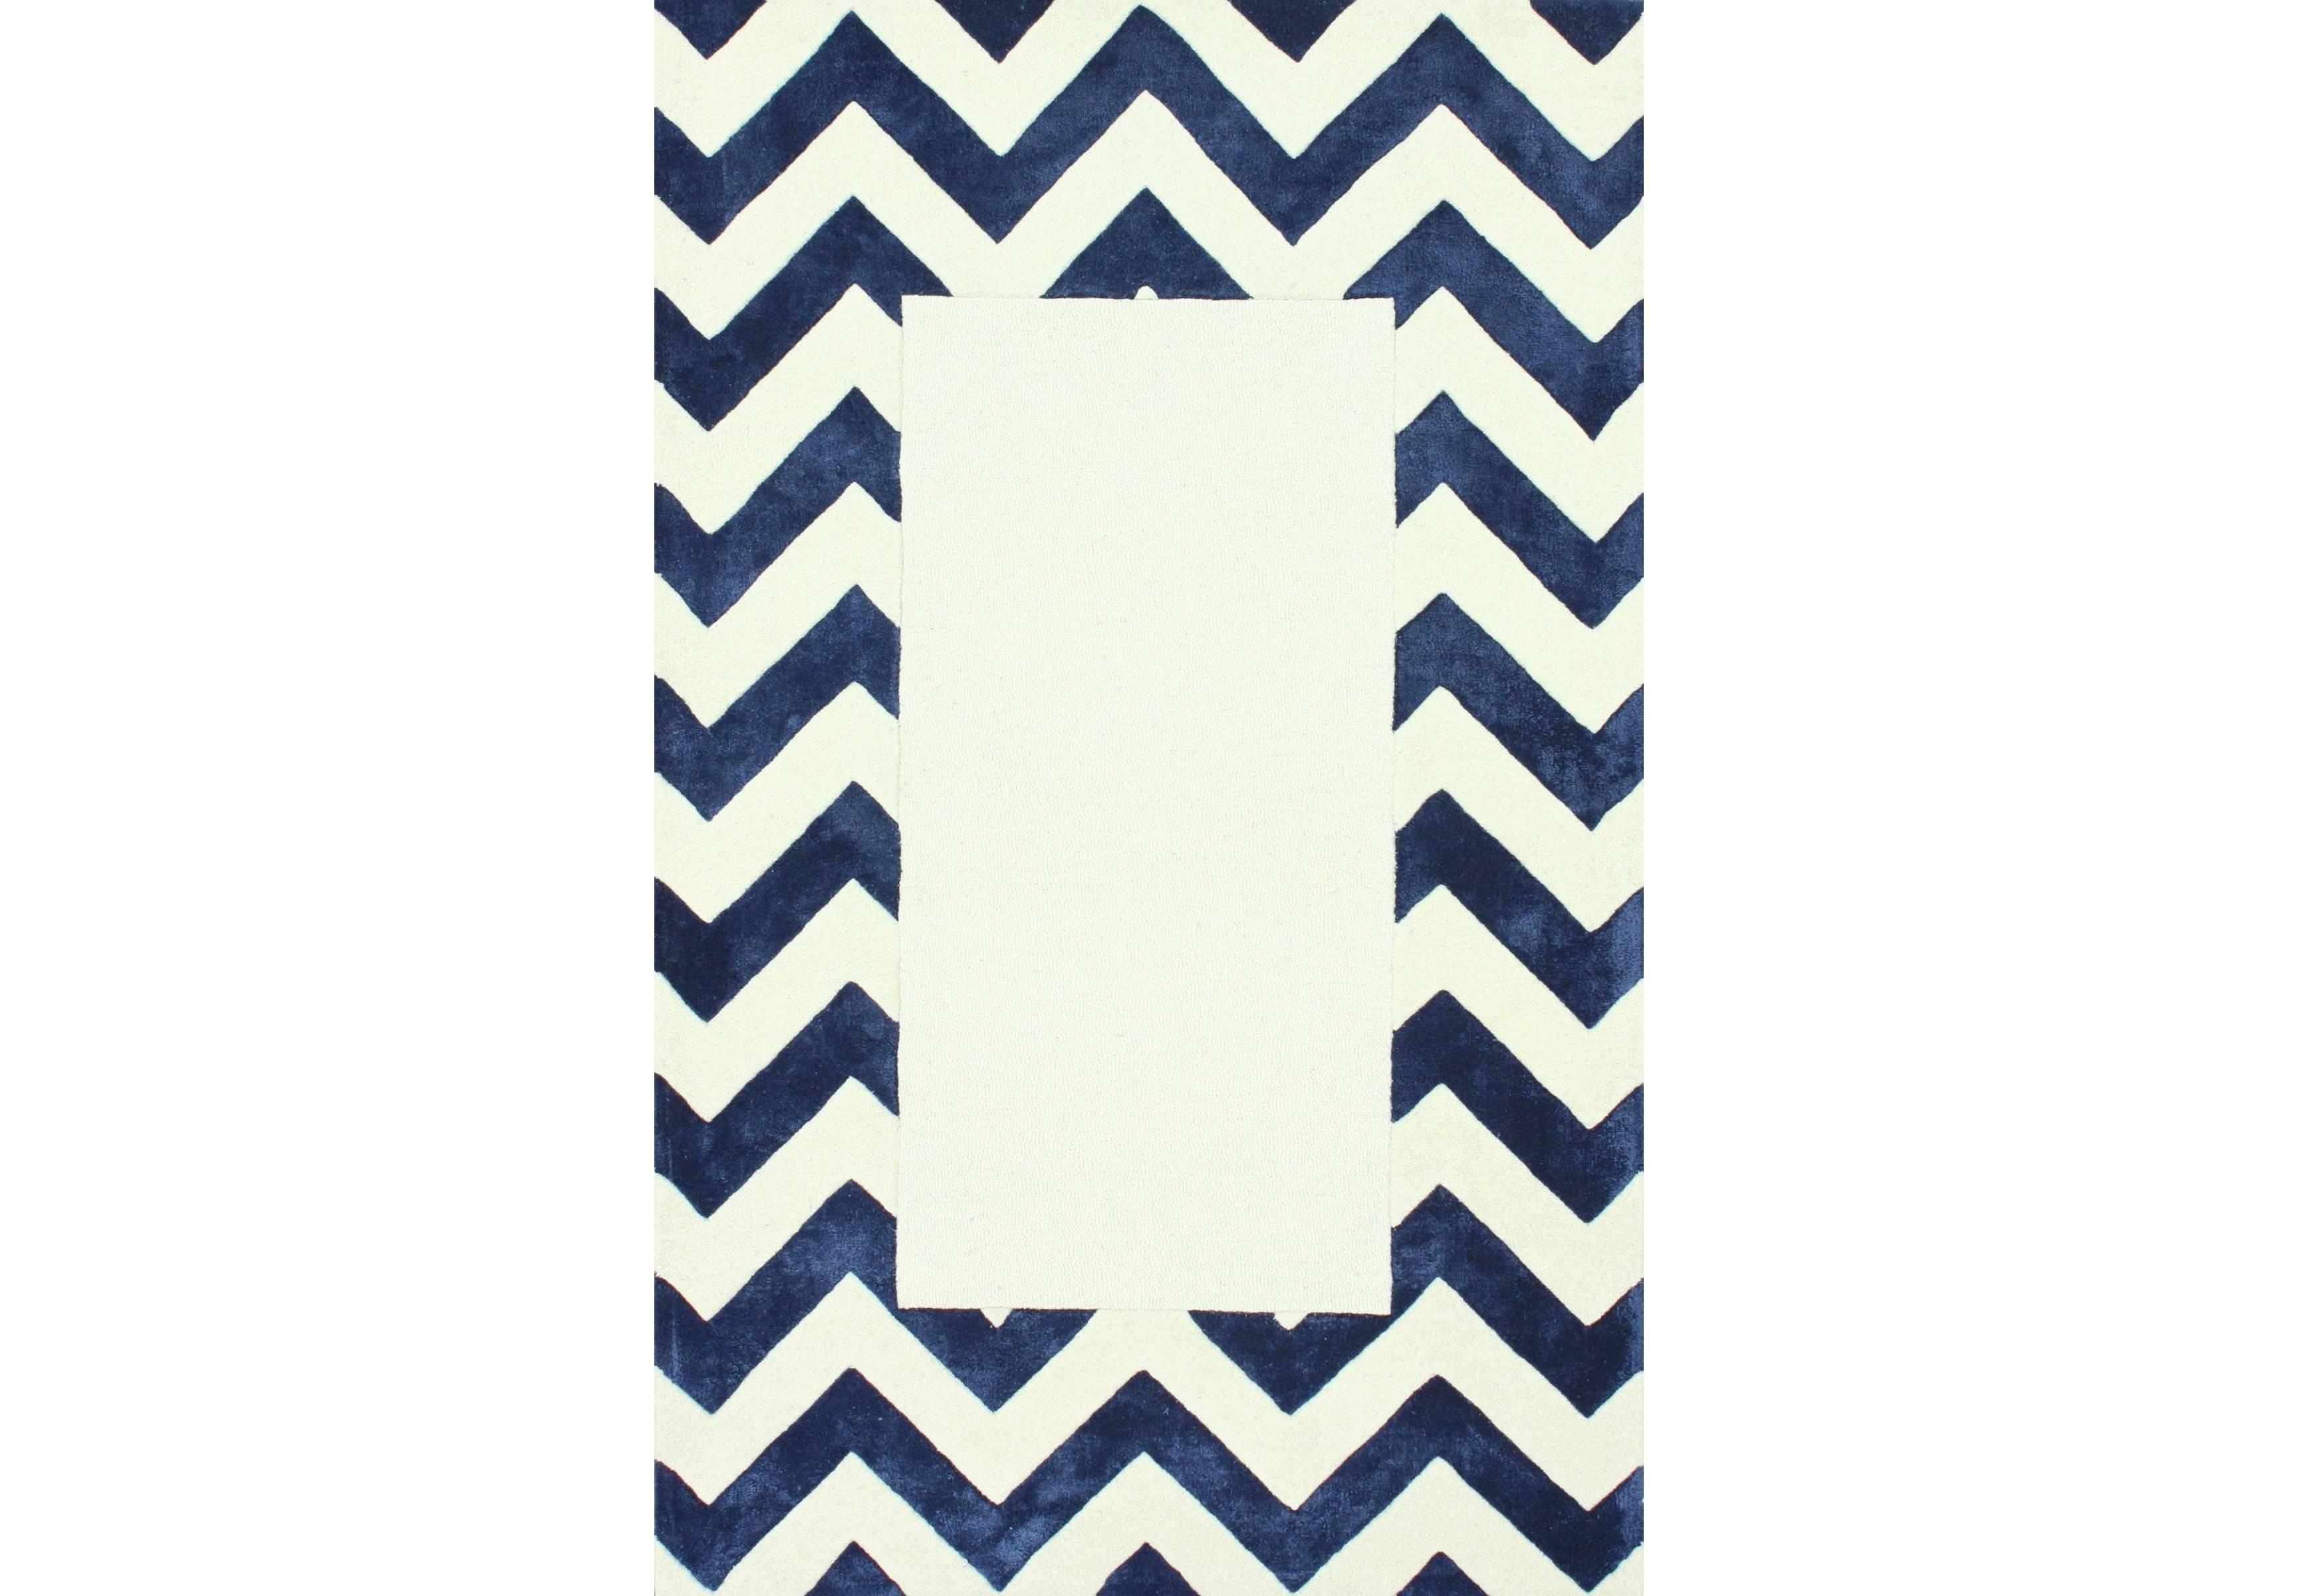 Ковер Zig-zag 280х200Прямоугольные ковры<br>Бело-синий ковер с рисунком зиг-заг (шеврон) искусно сочетает в себе модный рисунок и классику вне времени. Ковер с таким узором легко сделает современным, интерьер в любой комнате. Выполненный по технологии ручного тафтинга, из настоящей шерсти — придаст тепла и мягкости вашим полам.&amp;amp;nbsp;&amp;lt;div&amp;gt;&amp;lt;br&amp;gt;&amp;lt;/div&amp;gt;&amp;lt;div&amp;gt;Ковер может быть изготовлен в любом из широкого спектра цветов: серый, черный, светло-голубой, бежевый, горчичный, синий, голубой, темно-синий, зеленый, кремовый, розовый, оранжевый.&amp;lt;/div&amp;gt;<br><br>Material: Шерсть<br>Ширина см: 200<br>Глубина см: 280